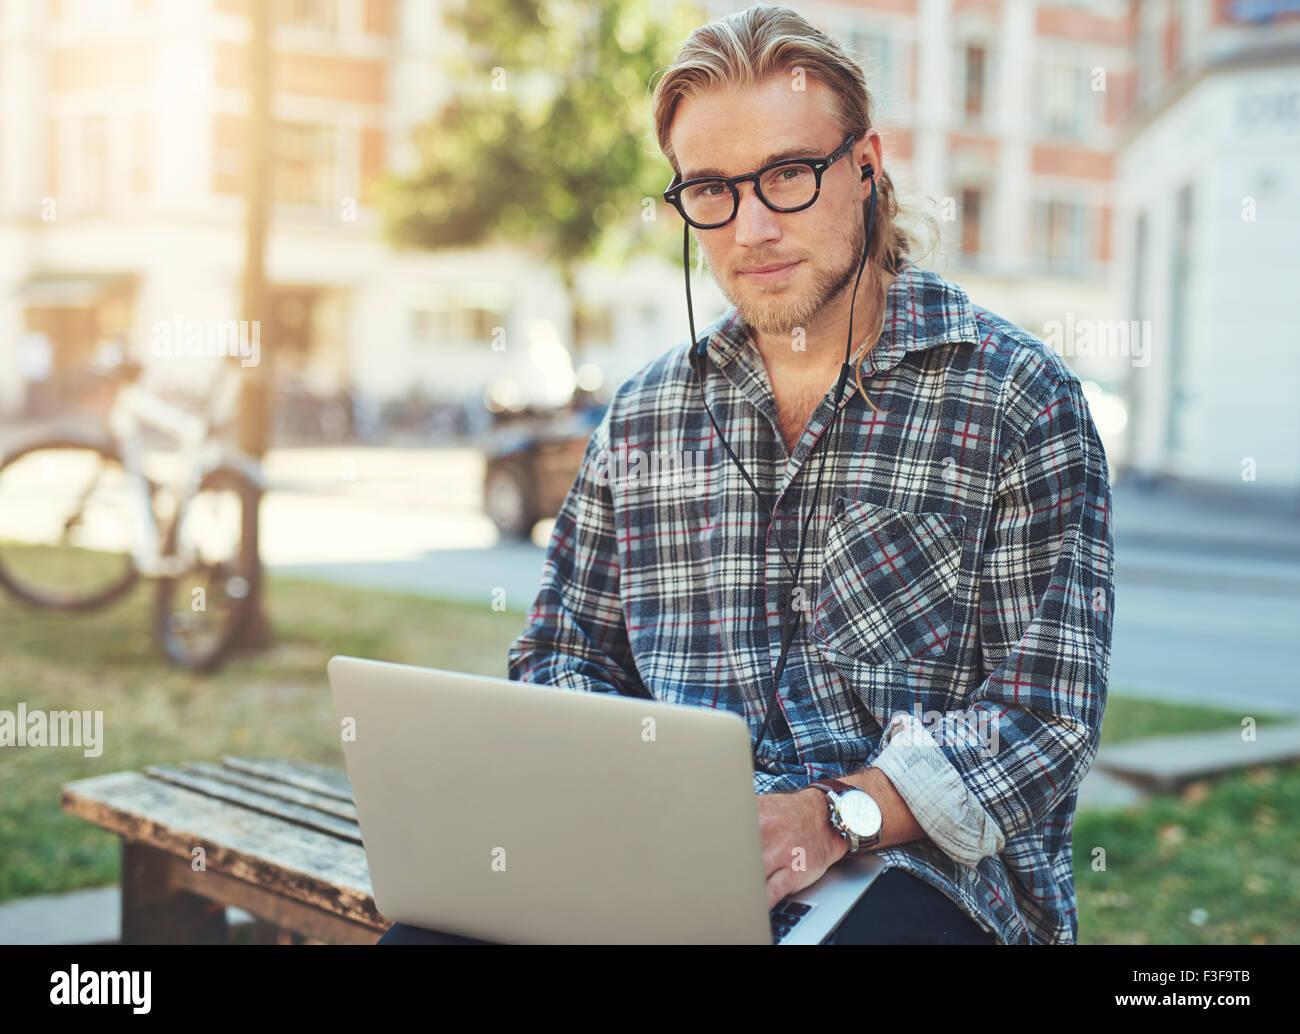 Unternehmer mit Laptop draußen arbeiten. City-lifestyle Stockbild